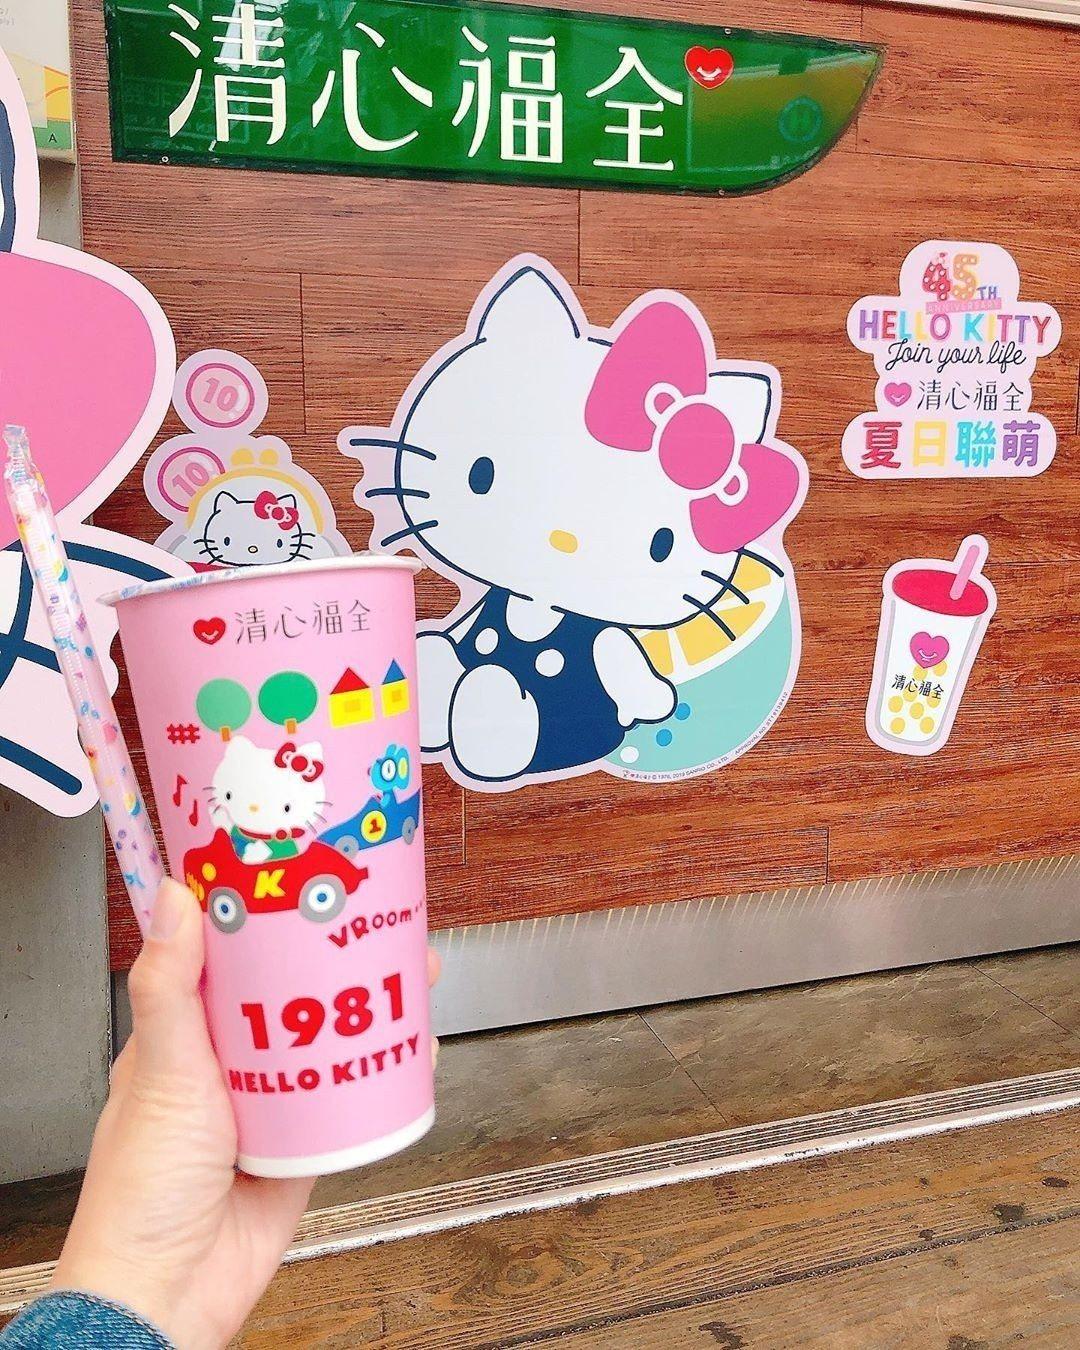 圖/風靡全球的可愛教主Hello Kitty在今年滿45週年,與清心福全合作推出...